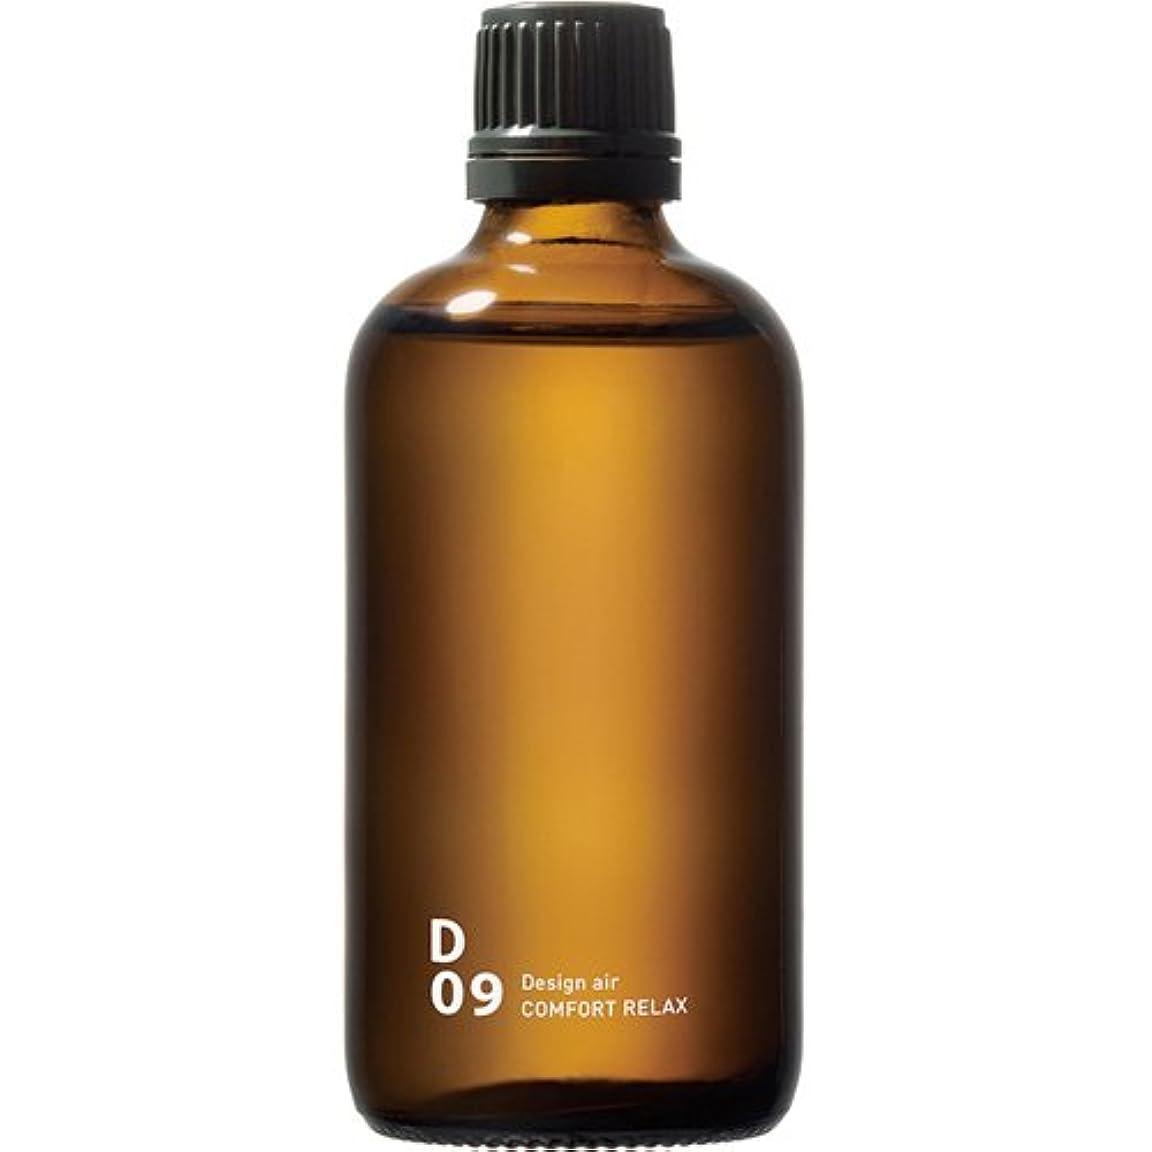 メダリスト別々に解放D09 COMFORT RELAX piezo aroma oil 100ml